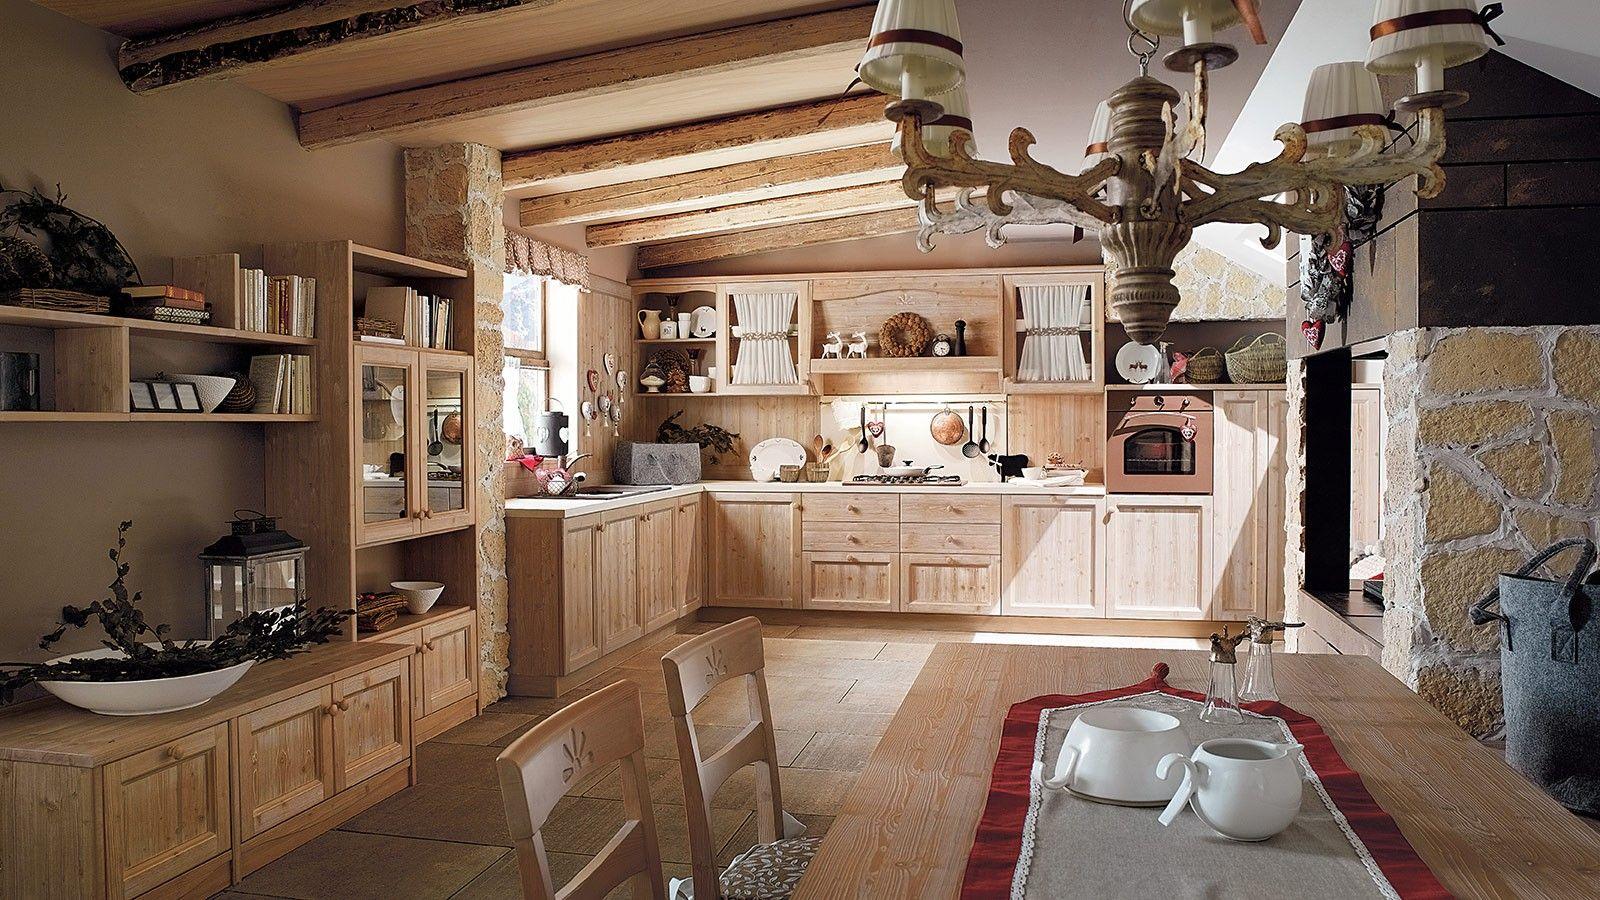 μασιφ fieno talcato κουζινα